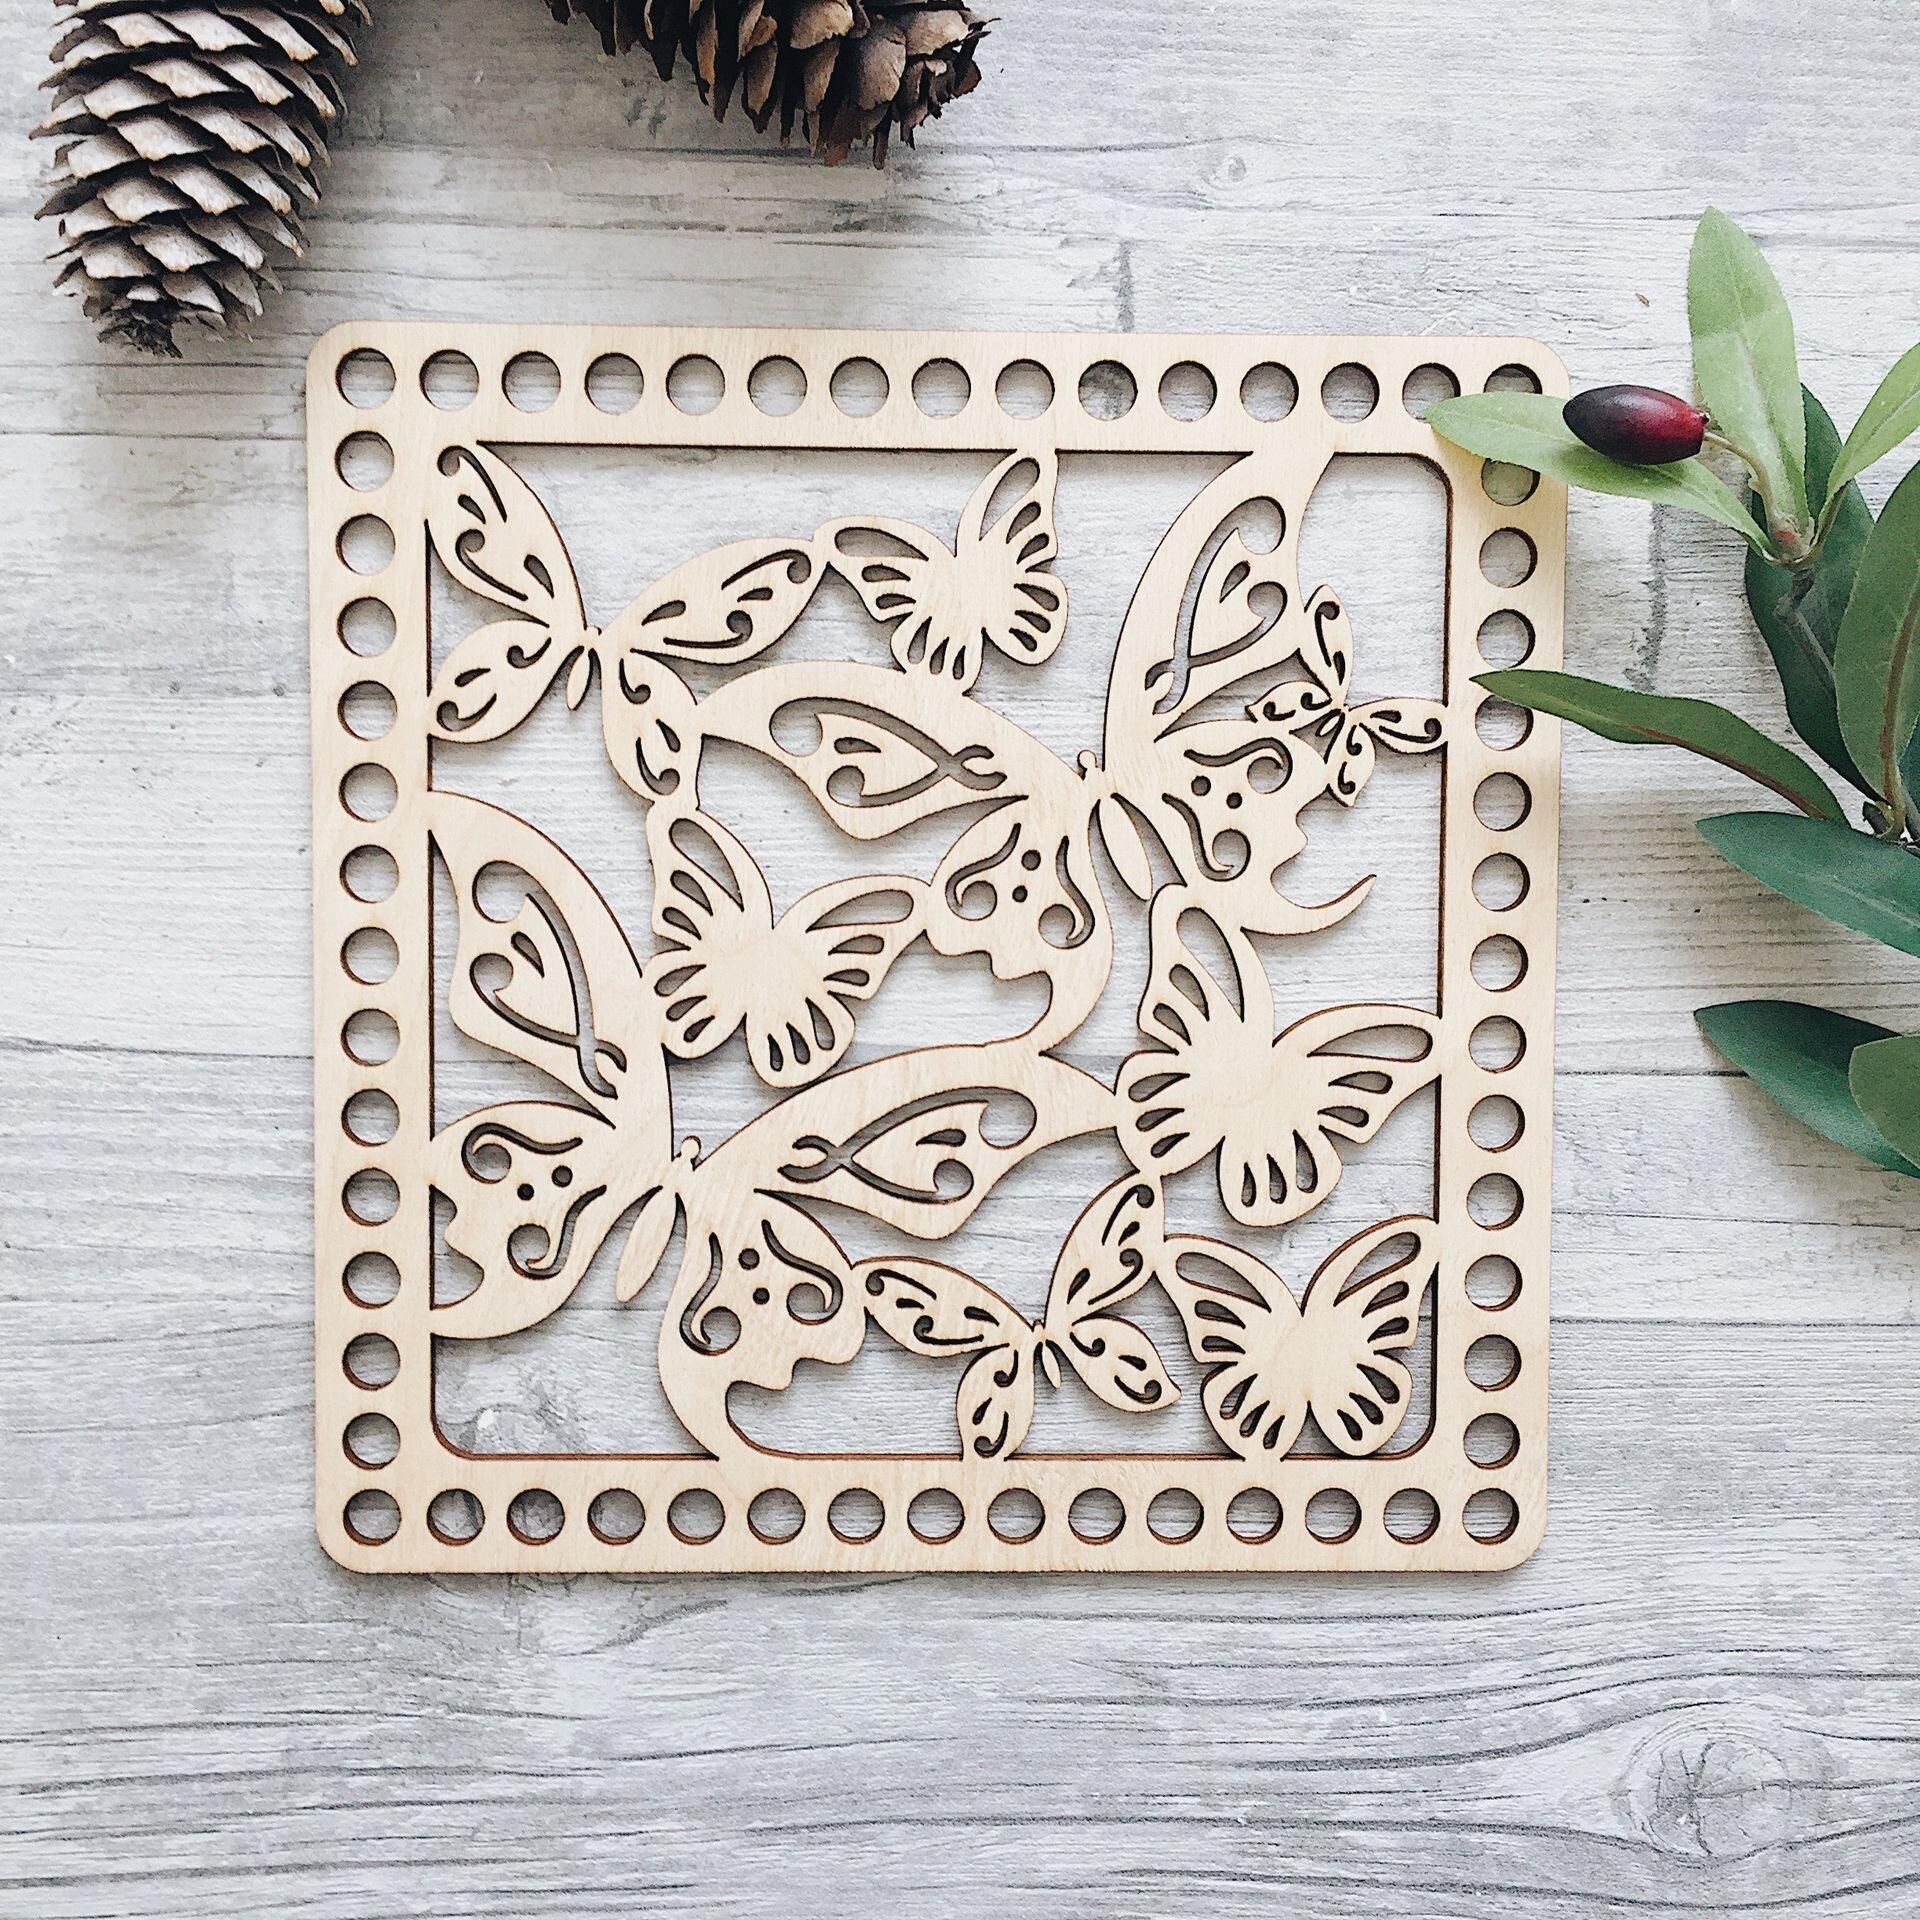 Деревянная резная крышка для корзинки, квадрат с бабочками 20см - фото pic_4aabac379040339_1920x9000_1.jpg